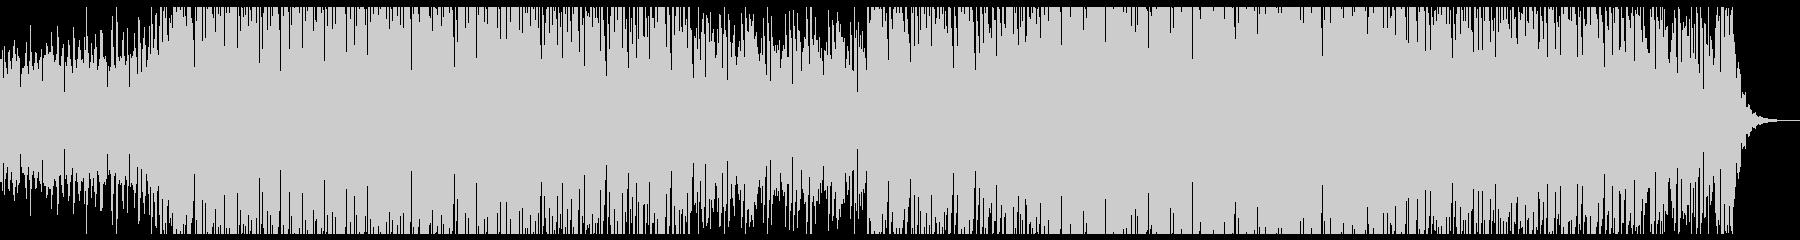 ハッピーサマートロピカルの未再生の波形